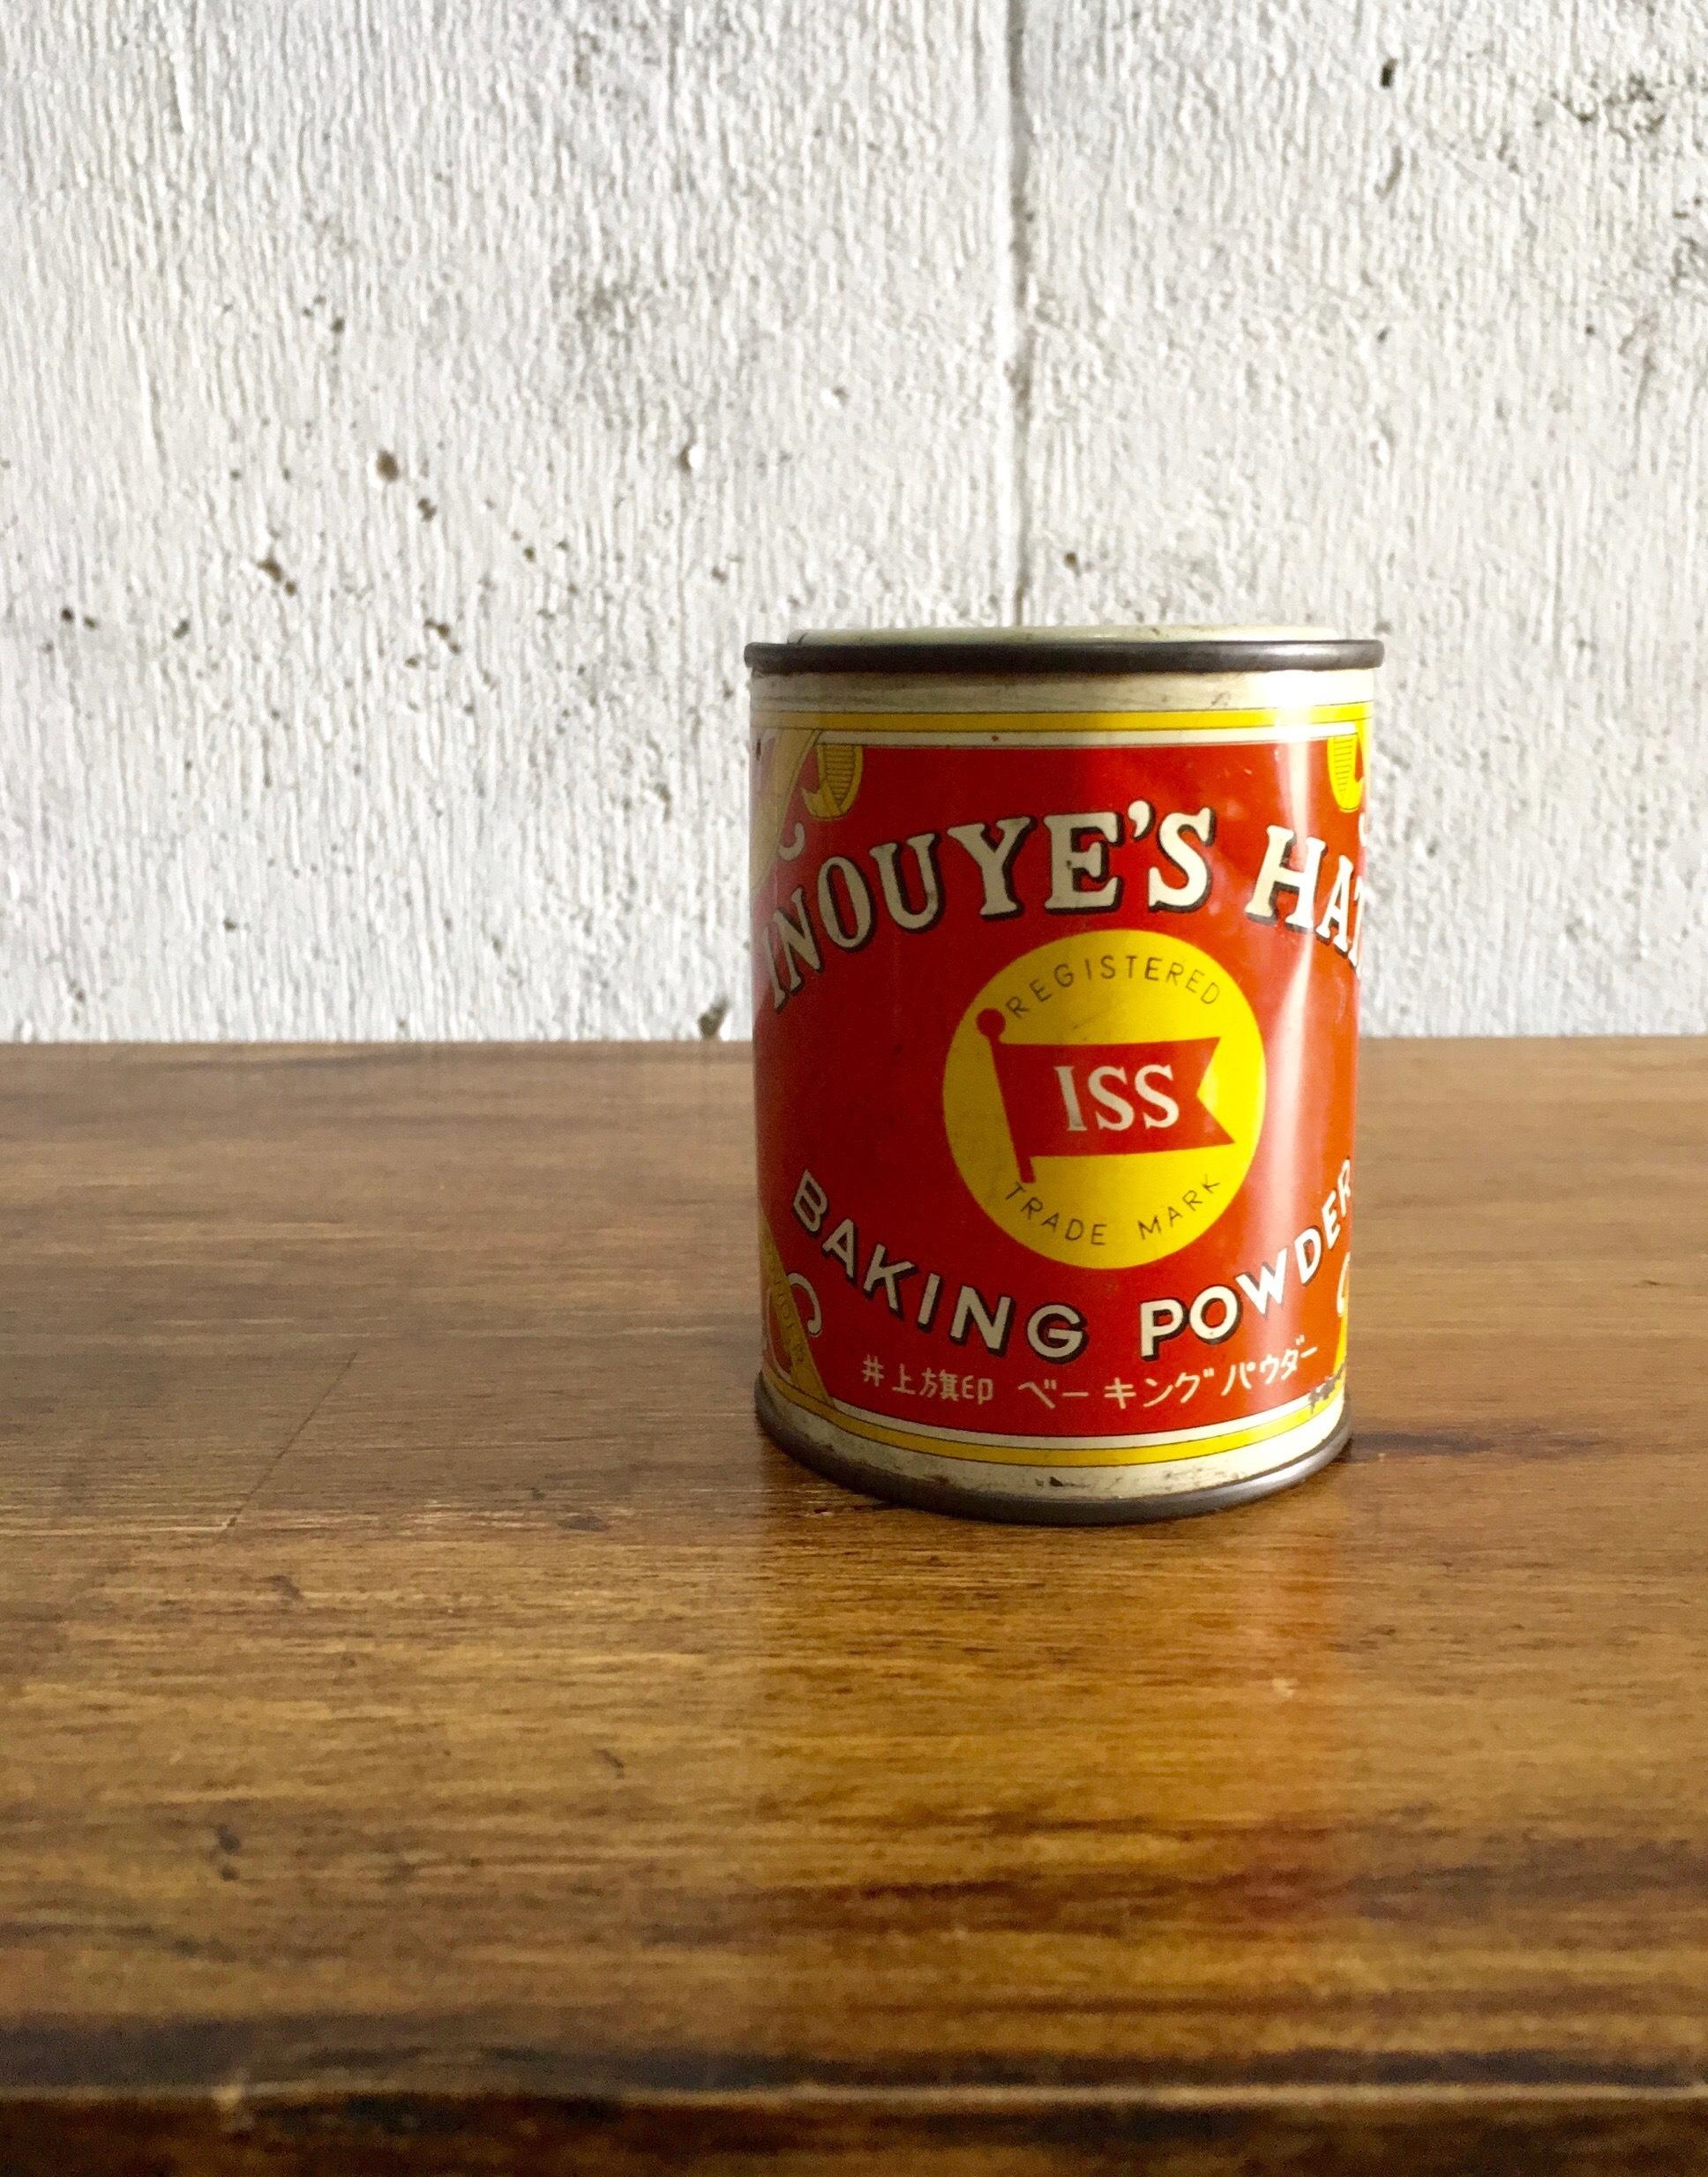 ジャンクな味のある缶[古道具]